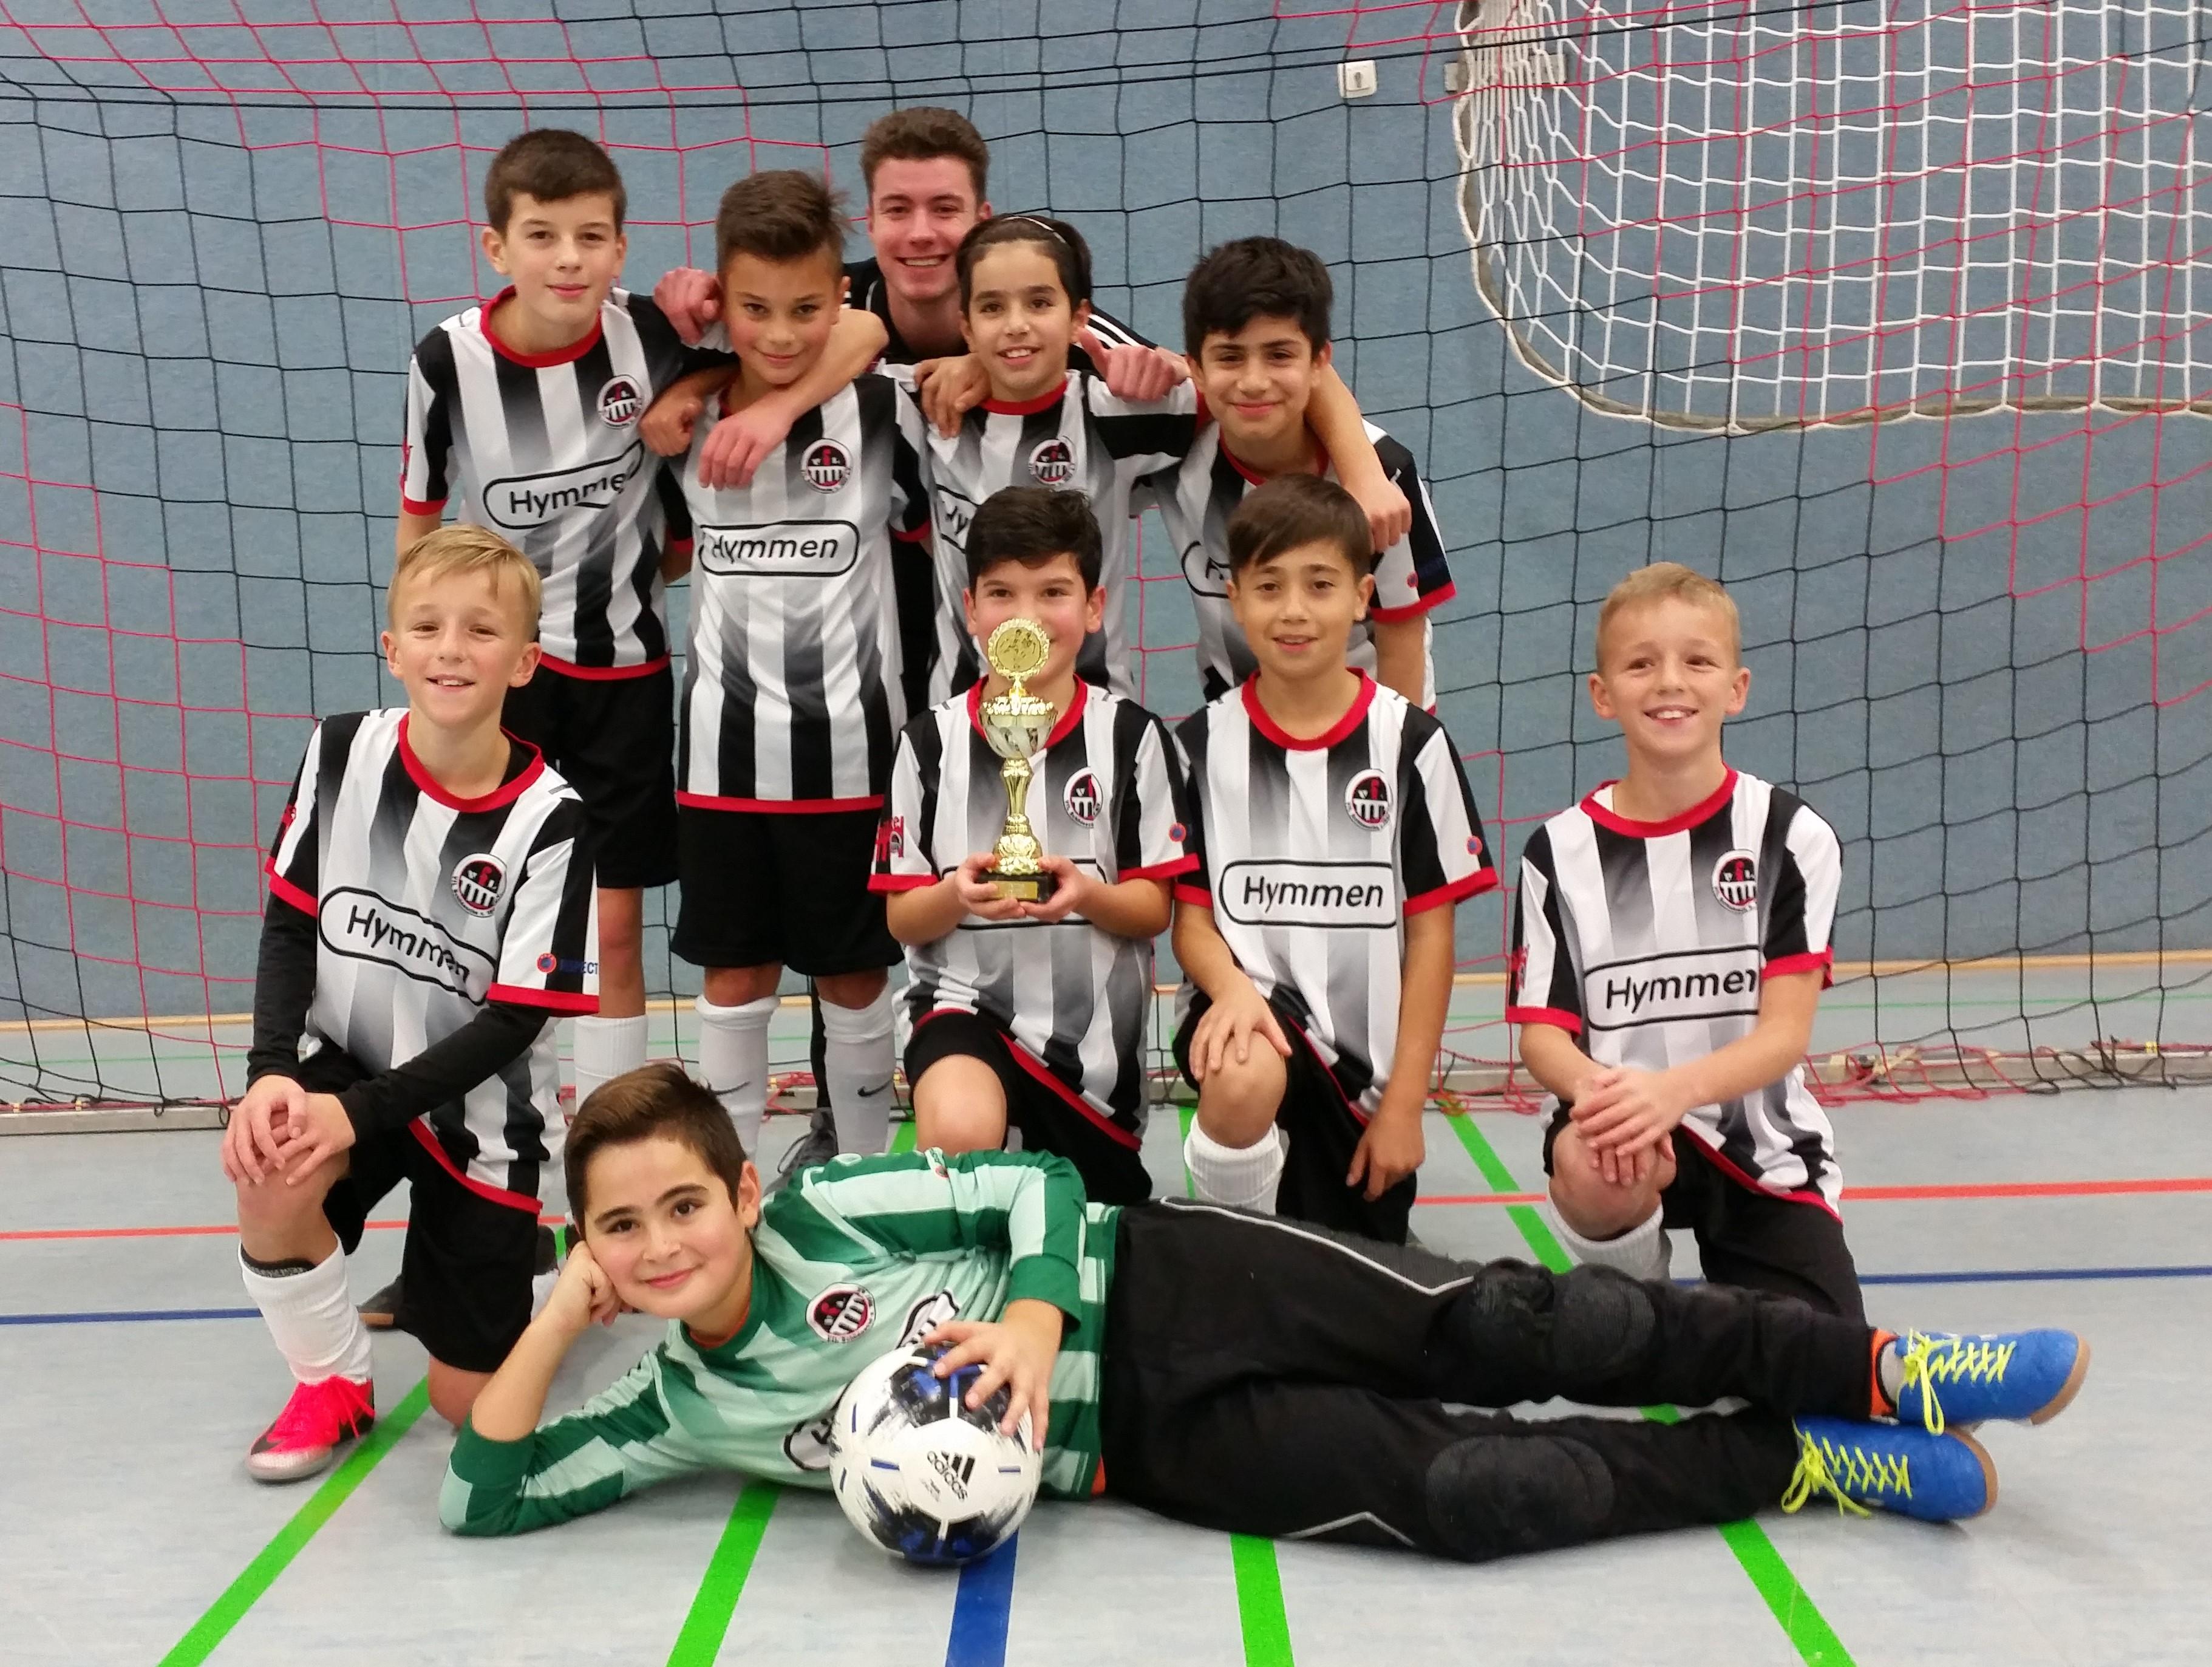 Der VfL Schildesche wird Sieger des D2-Turniers